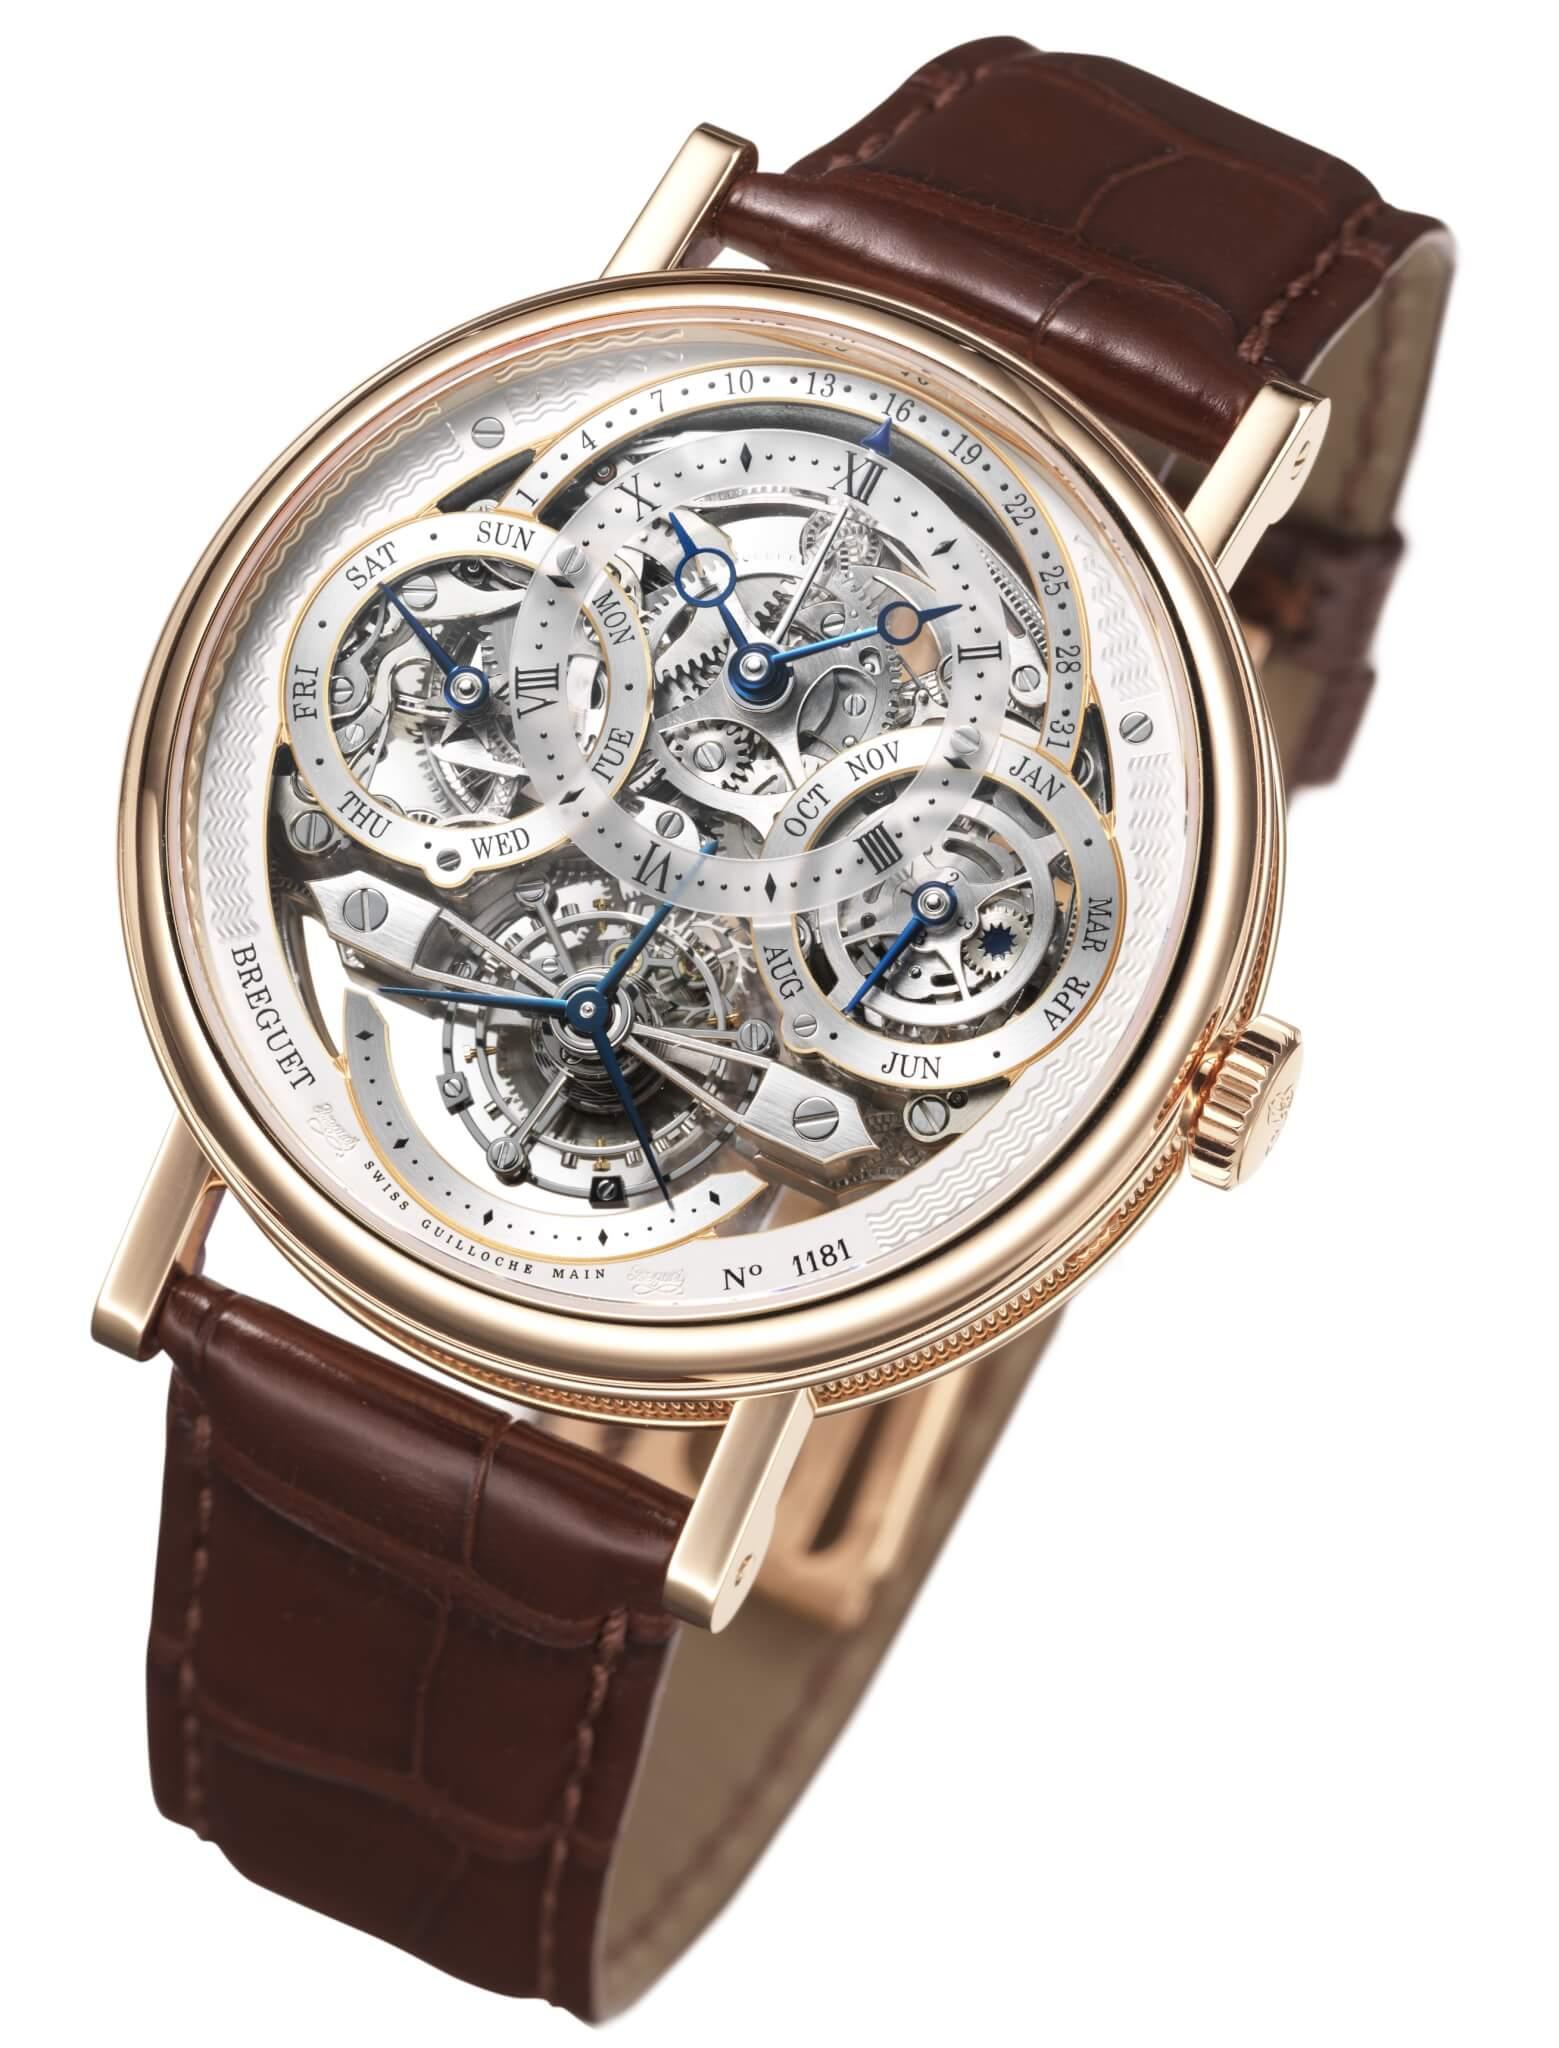 promo code 861cf 58963 世界5大時計ブランド、ブレゲ(Breguet)の魅力と定番モデルを紹介